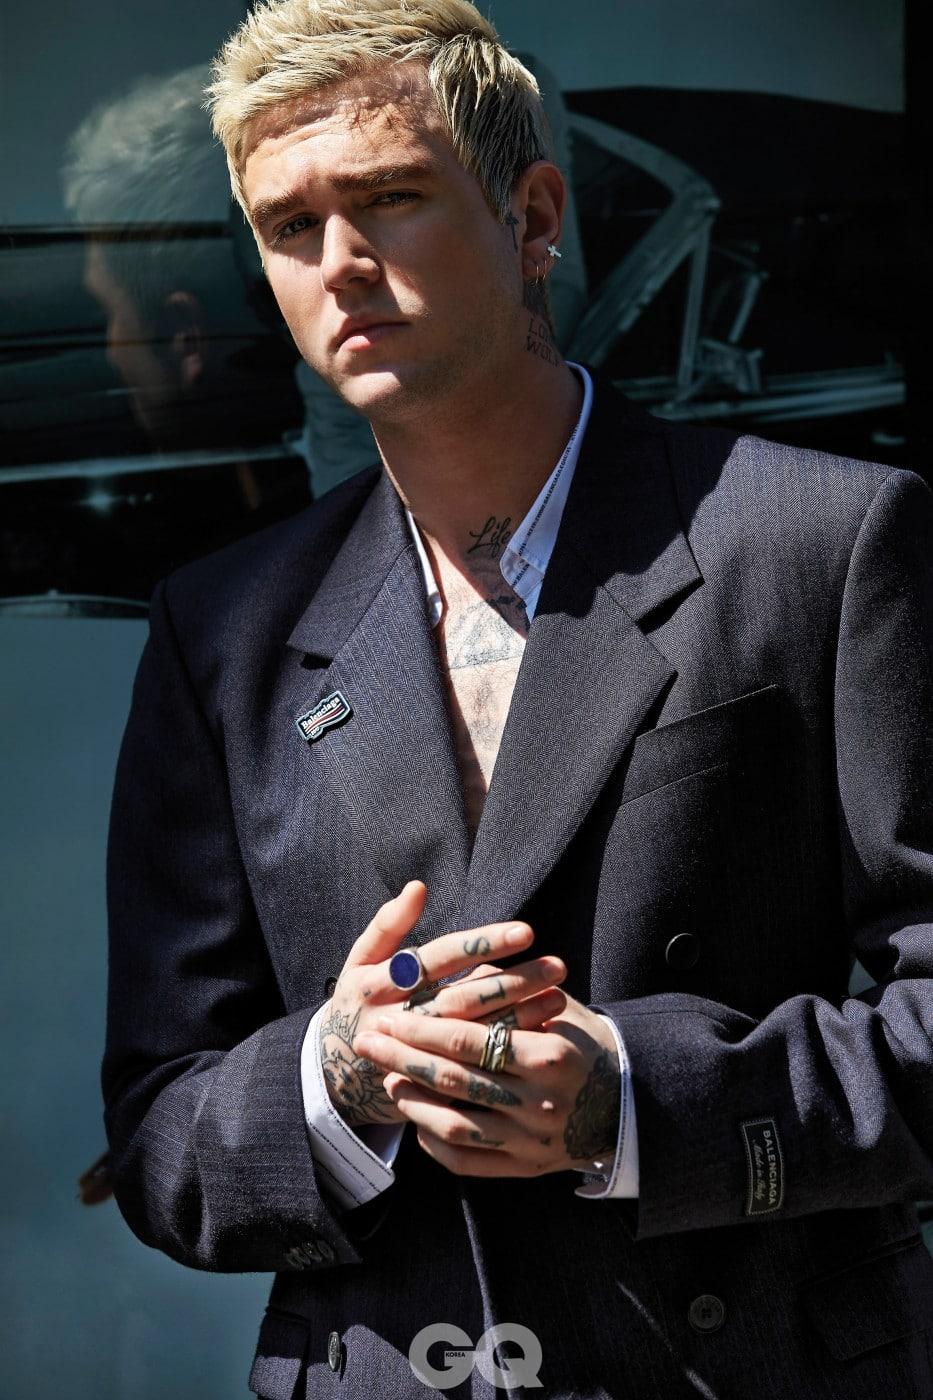 줄무늬 해링본 재킷 2백80만원대, 로고 줄무늬 셔츠 가격 미정, 웨이브 로고 브로치 48만원, 모두 발렌시아가.